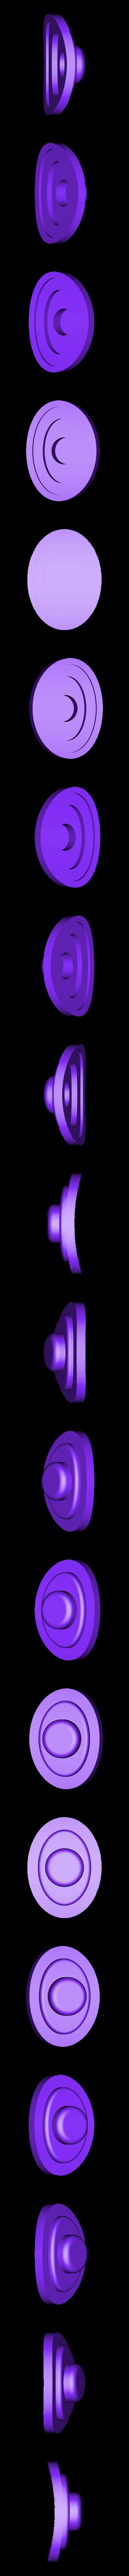 button_cup.STL Download free STL file Vibratory Washing Machine • 3D print model, perinski